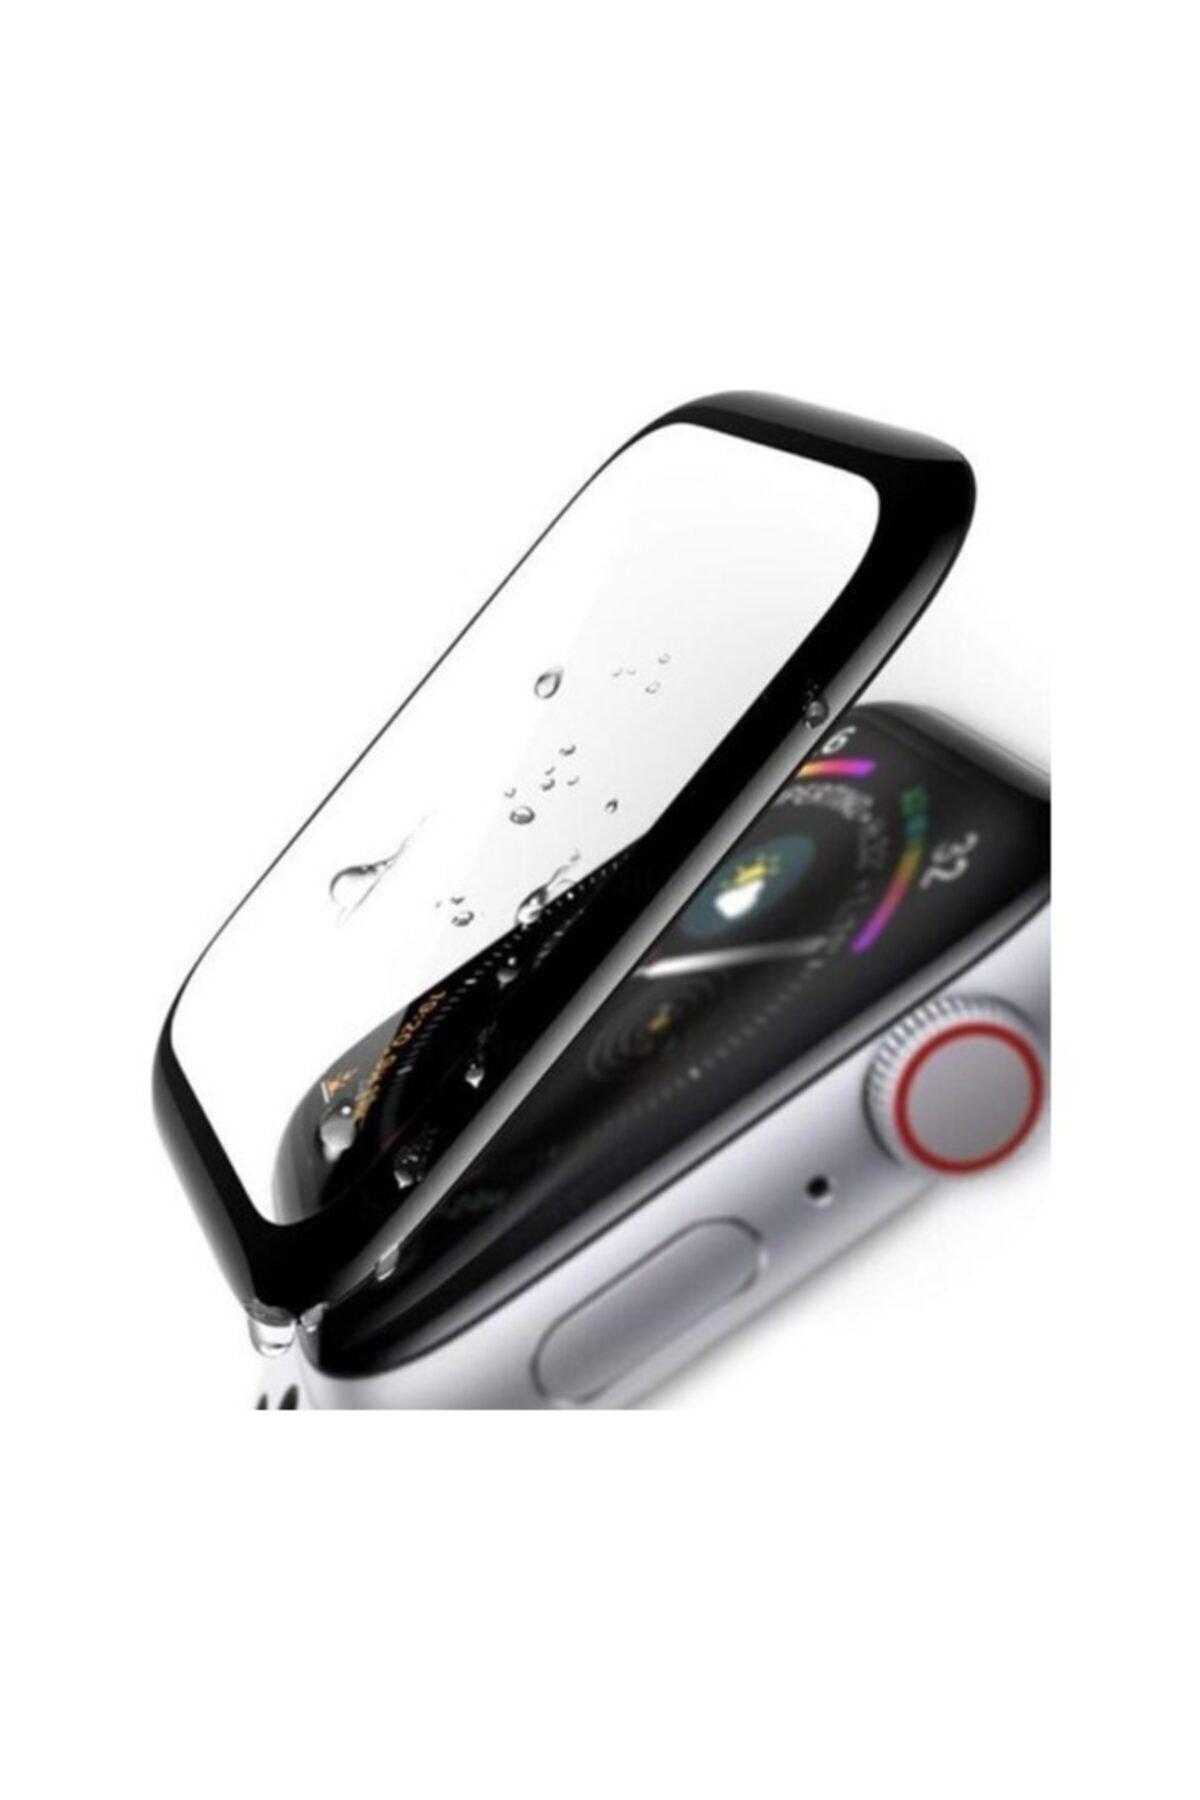 KVK PRİVACY Apple Watch 3 4 5 6 Se 40mm 5d Kavisli Tempered Kırılmaz Cam Koruyucu 2